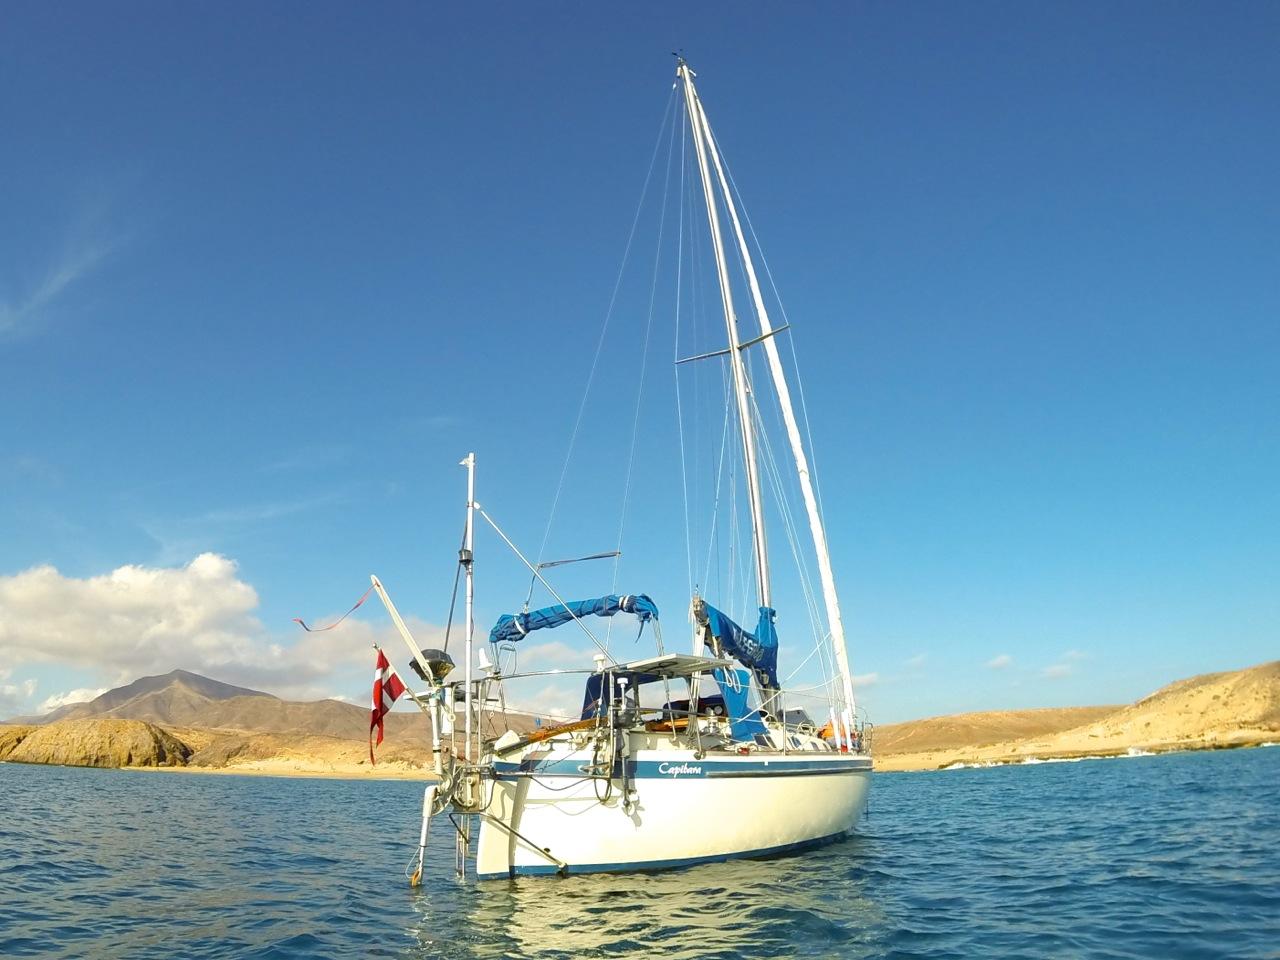 Signe og Henrik sejler i denne 30 fods båd. Foto: Signe Storr